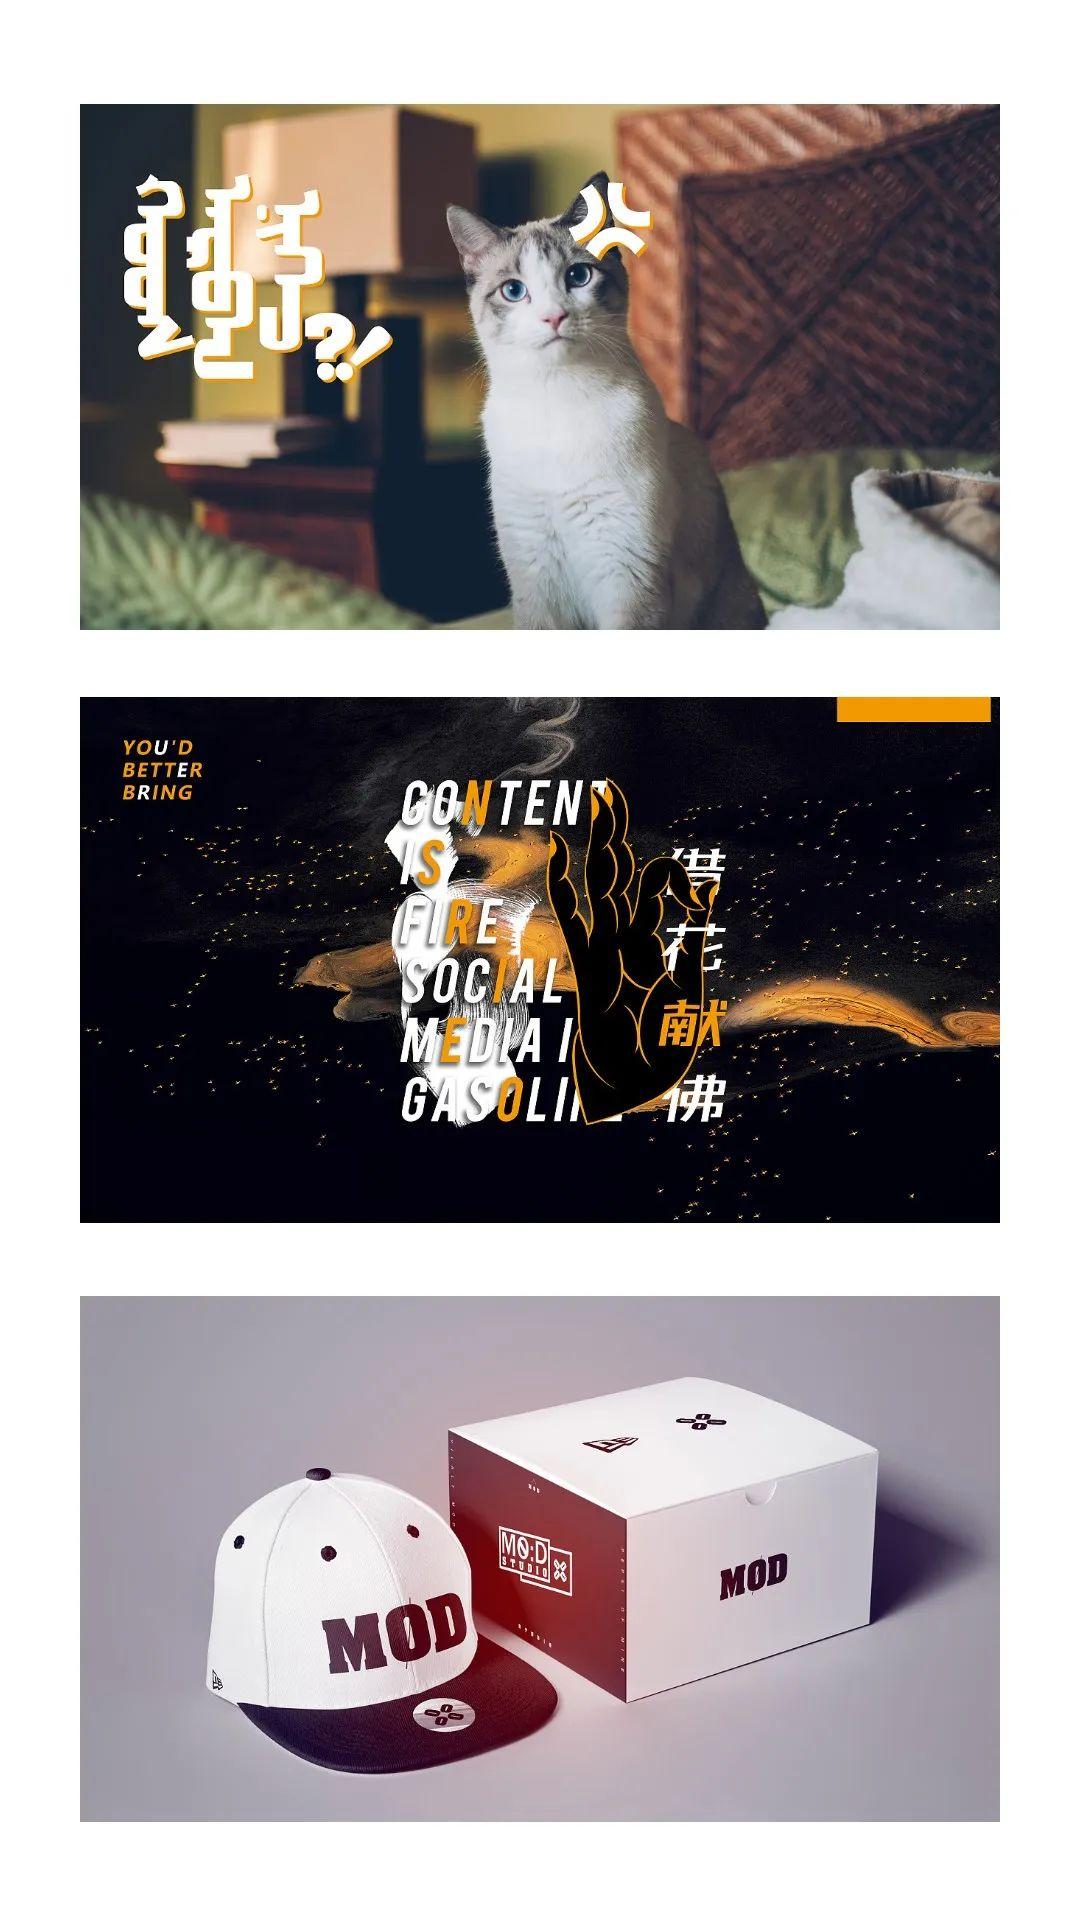 超赞的蒙元素设计-看完马上收藏 #Hotoch-Design#设计案例 第11张